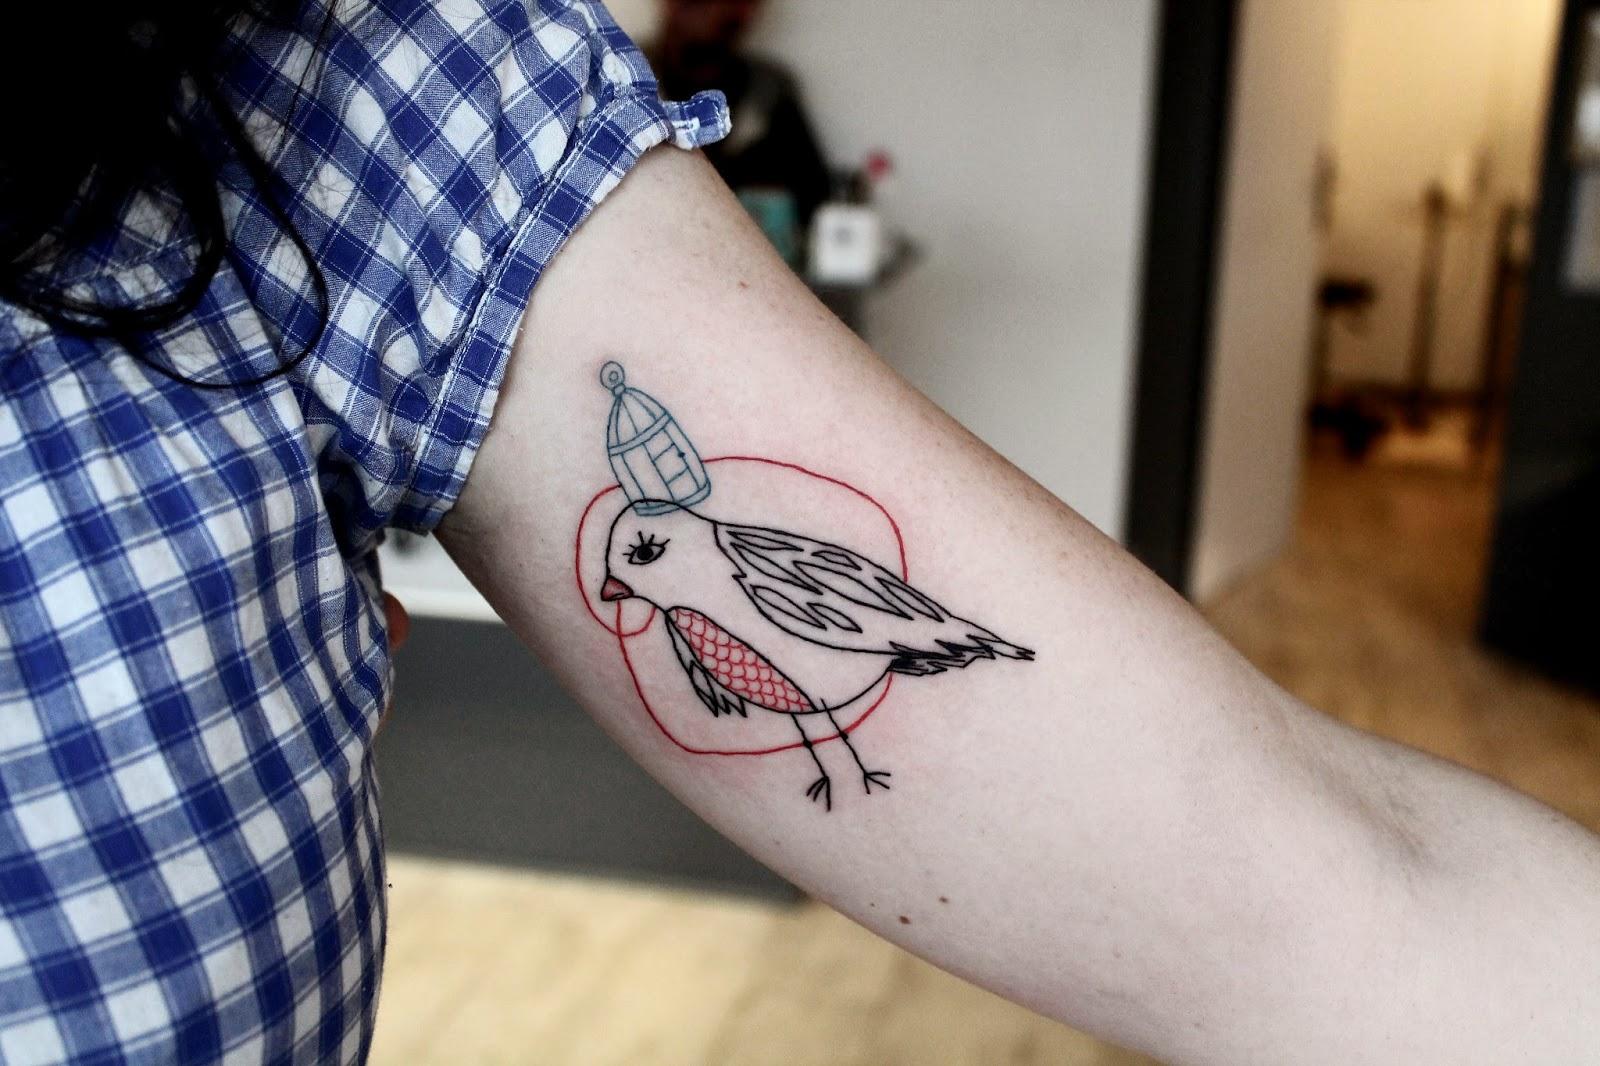 Modele Tatouage Etoile Filante - tatouage poignet etoile filante Tatouage Femme